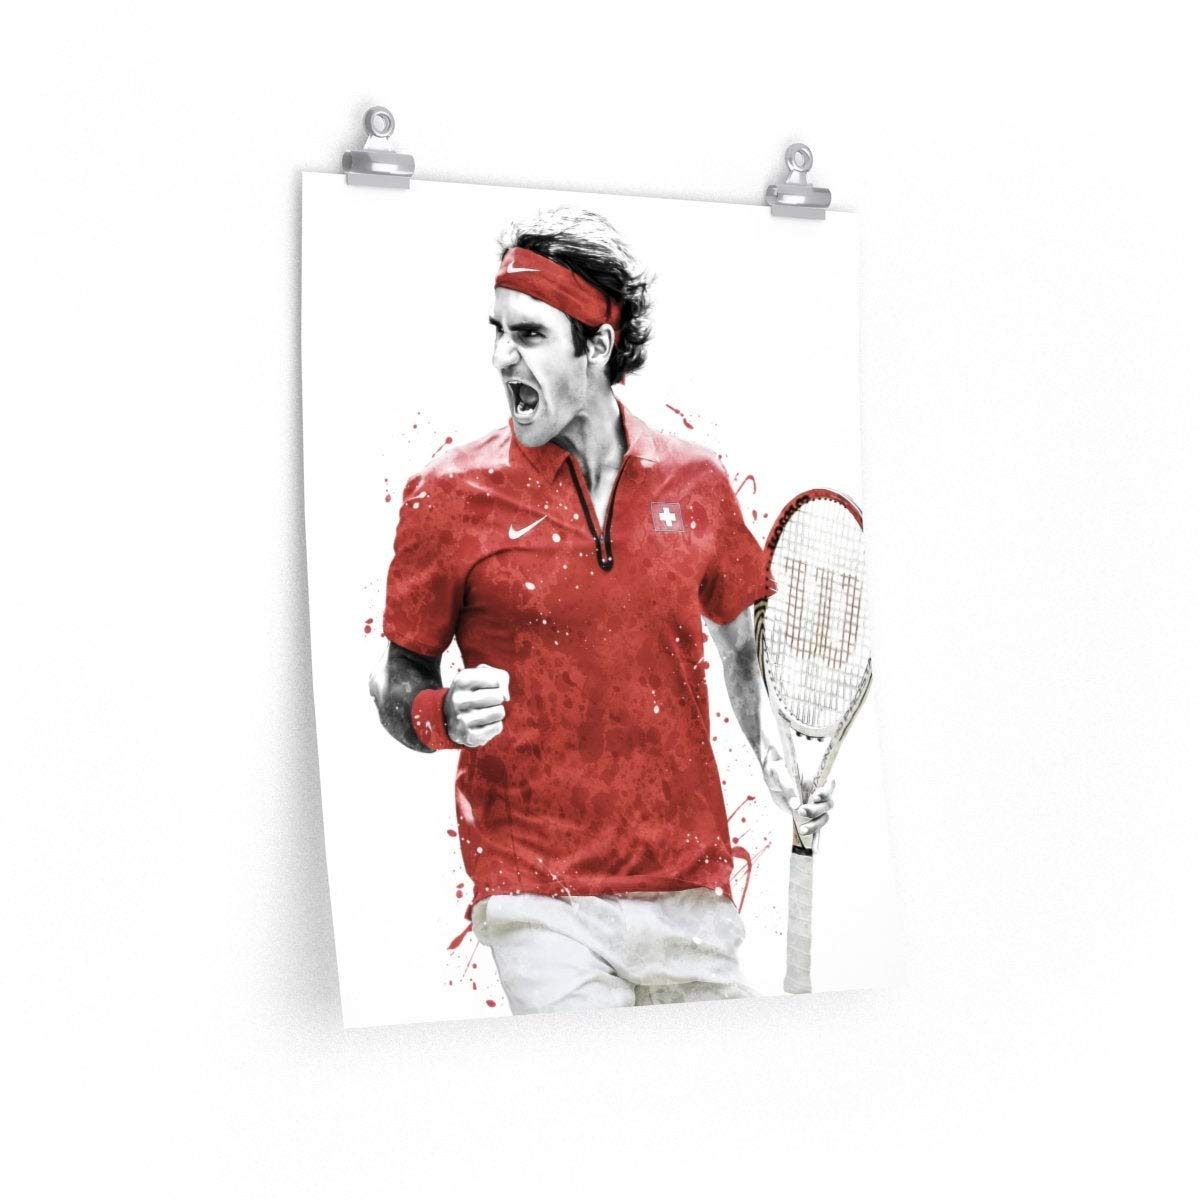 Amazon.com: Roger Federer Poster, Roger Federer Art Print, Wimbledon Wall  Print, Tennis Wall Art, Tennis Watercolor Print, Tennis Player Art, Tennis  Wall Poster, Man Cave Gift: Handmade